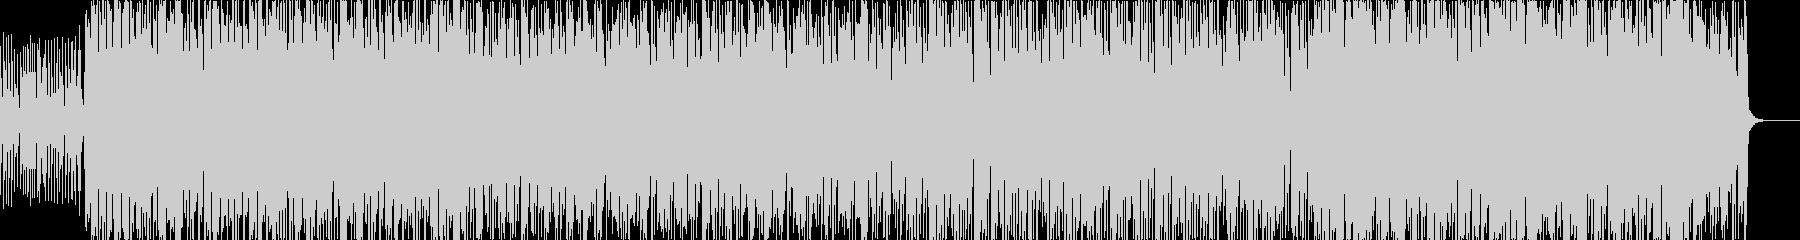 NOSTALGIAチンドン屋サウンドの未再生の波形